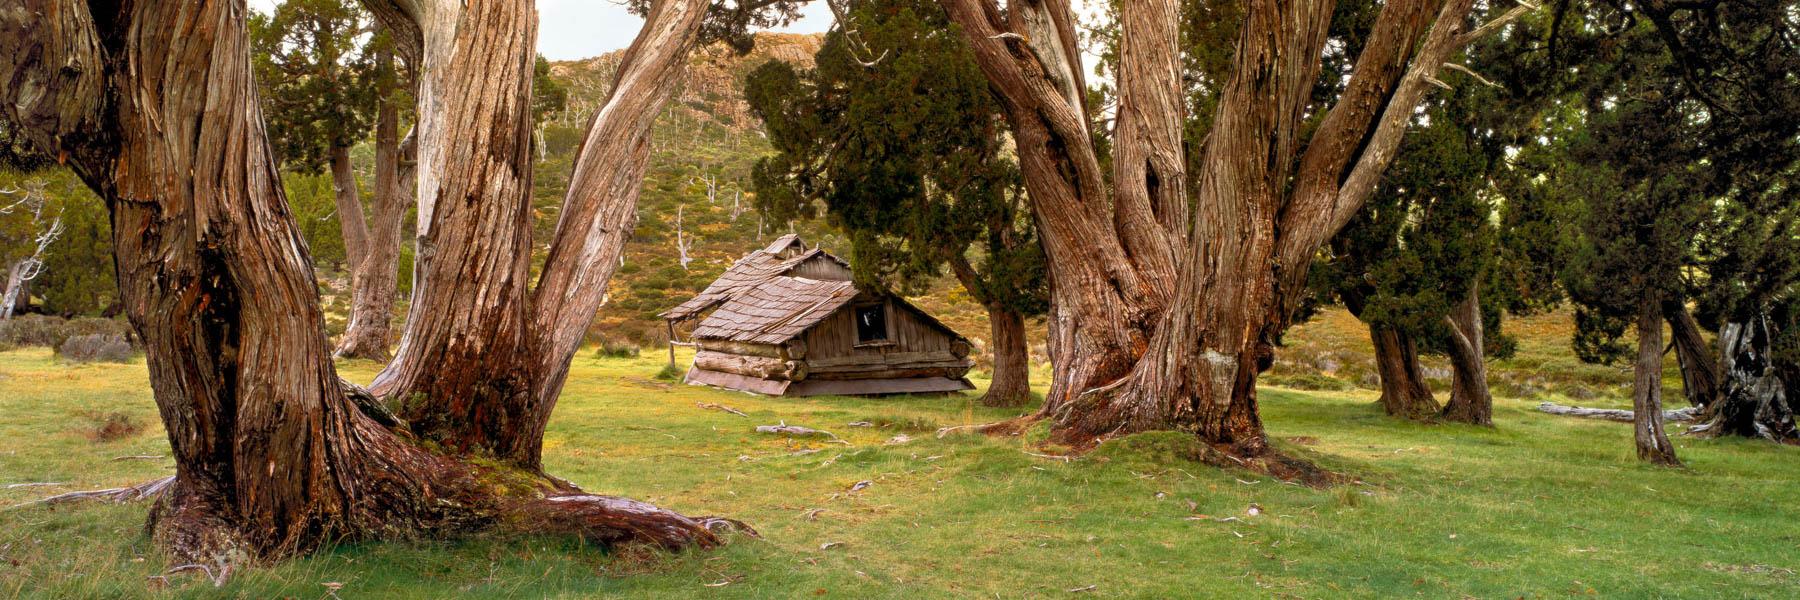 Overcast light at Dixons Kingdom Hut, Tasmania, Australia.